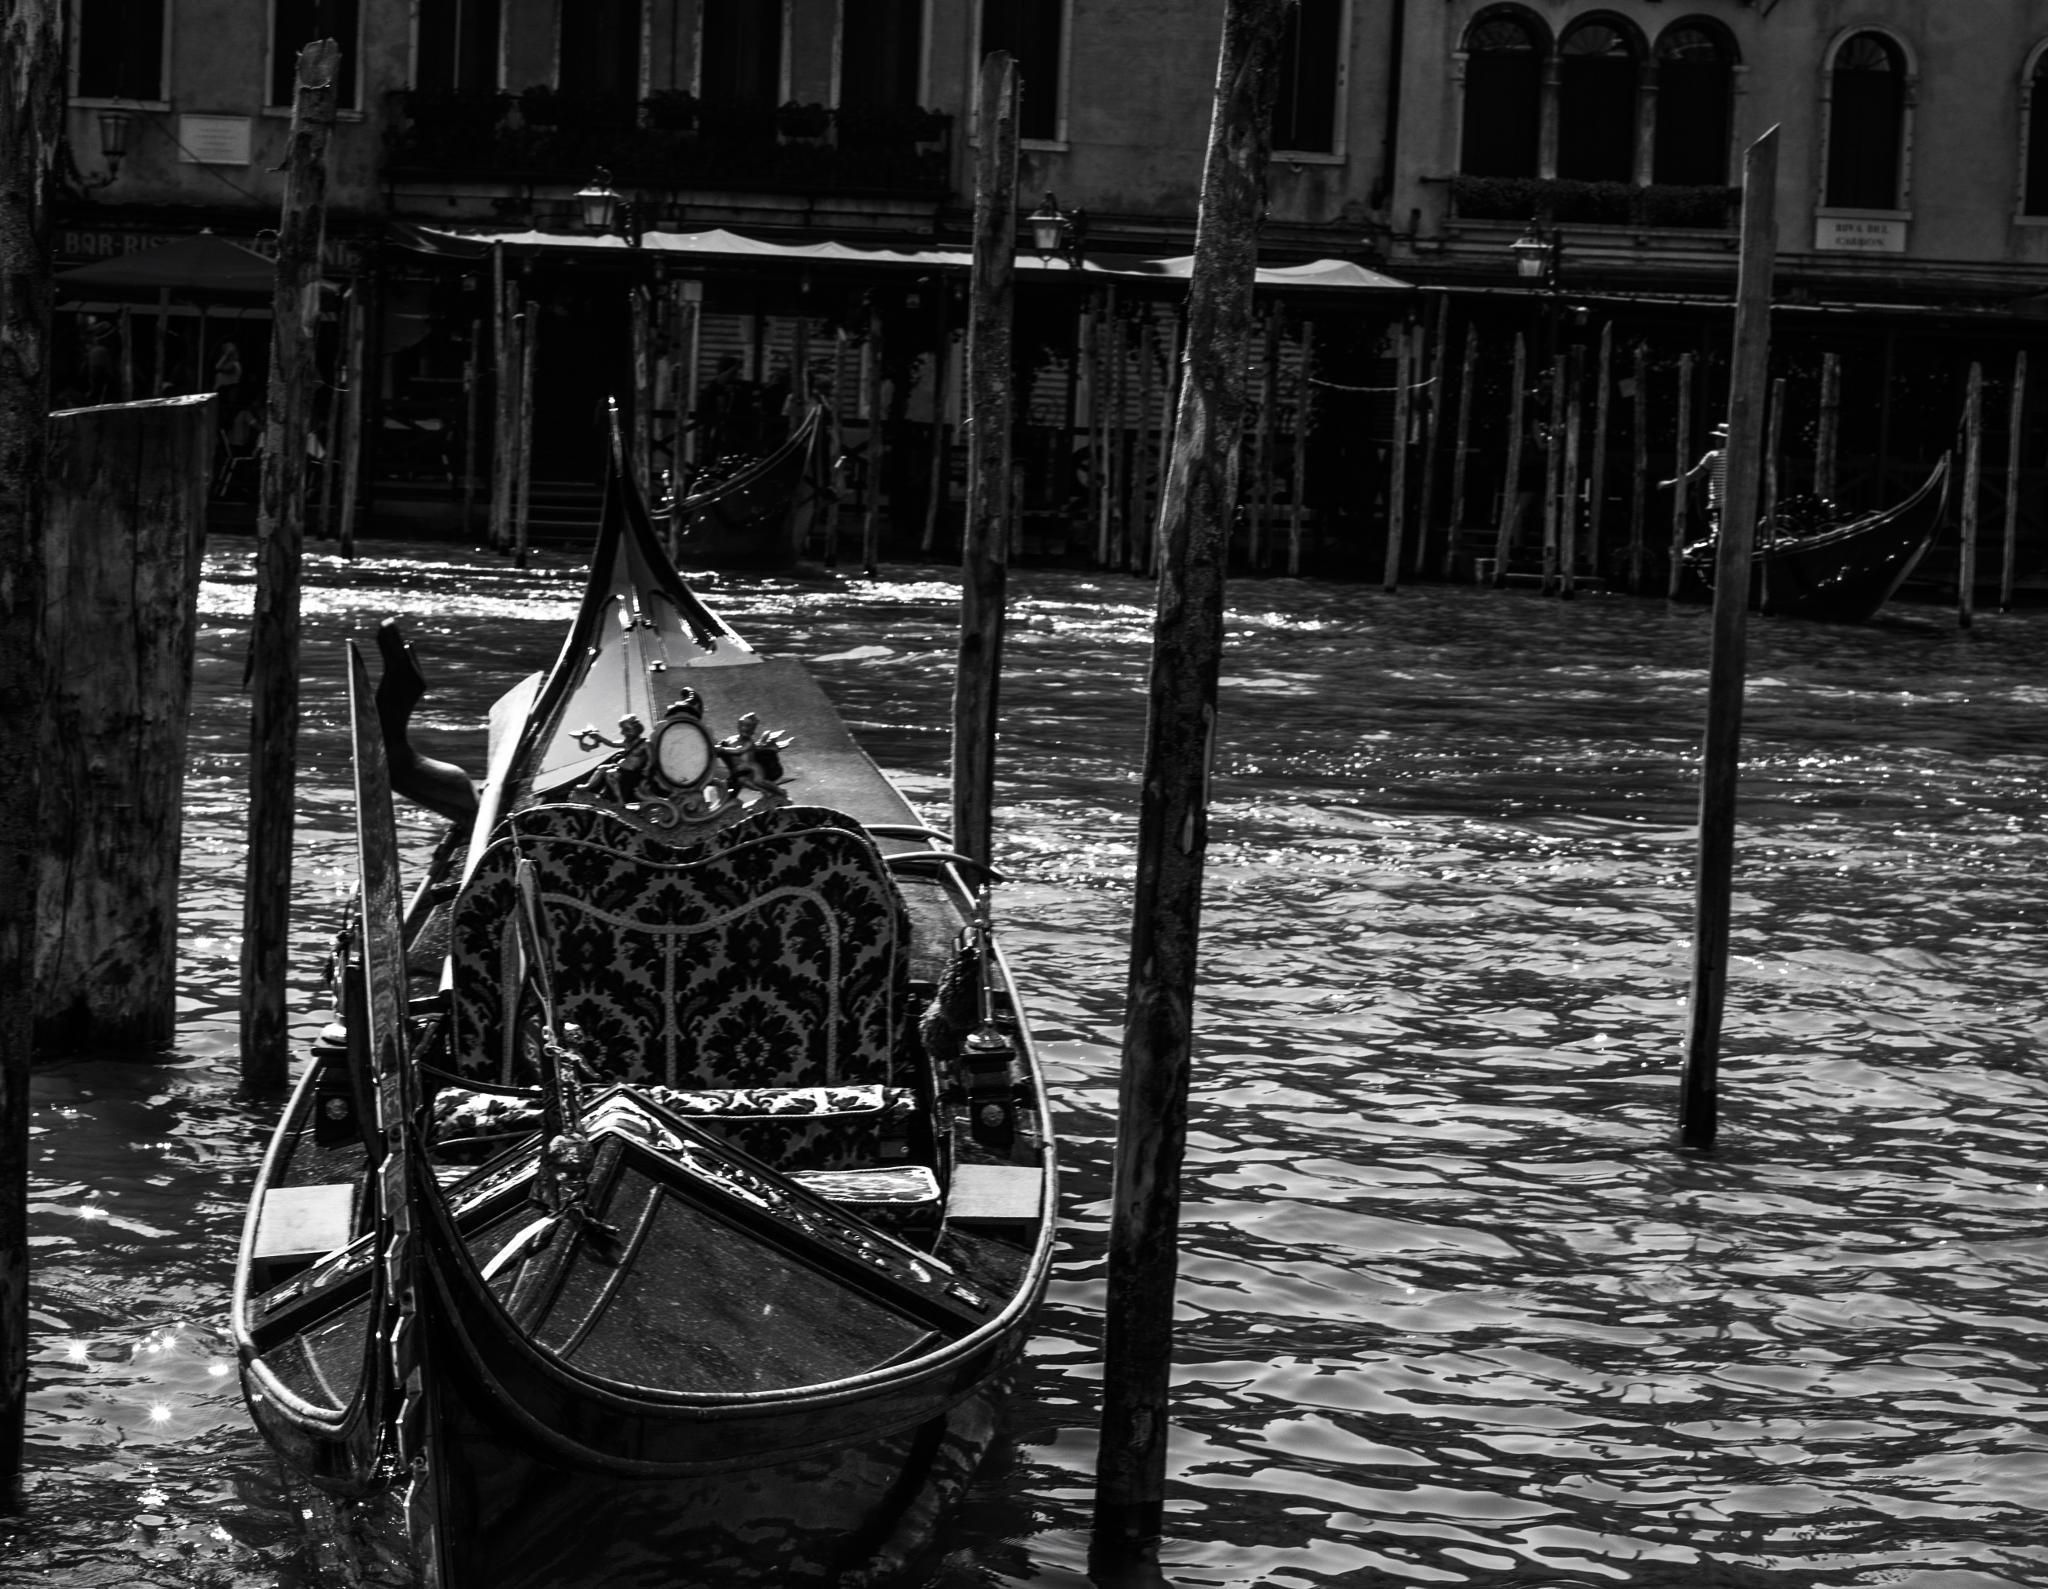 Gondola  by Jen Branton